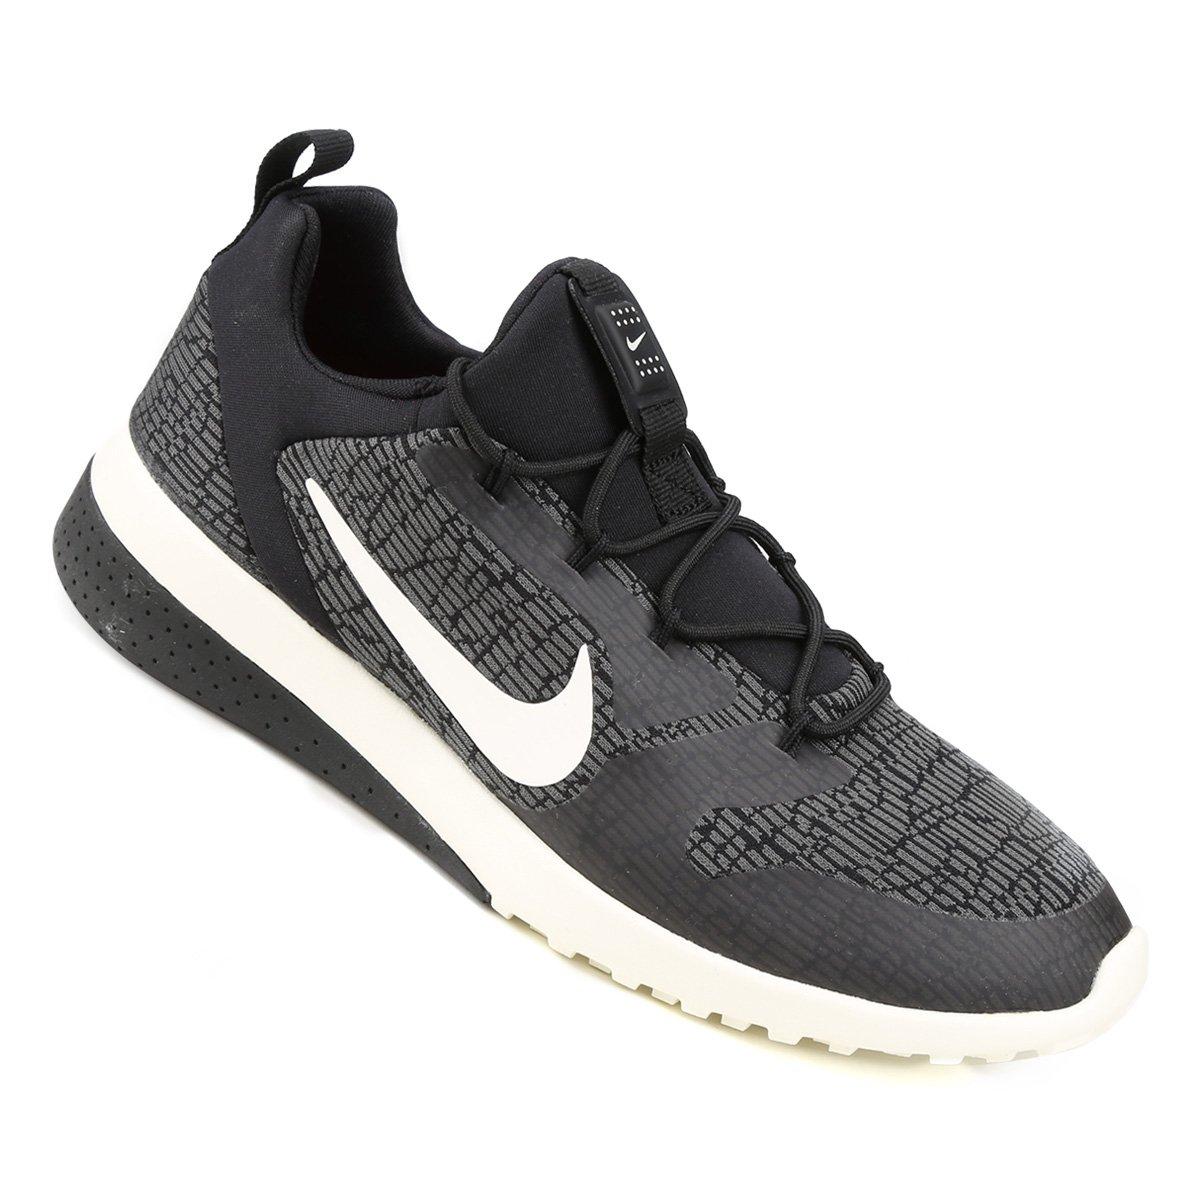 Tênis Nike Ck Racer - Preto - Compre Agora   Shop Timão 5ce9e3991a